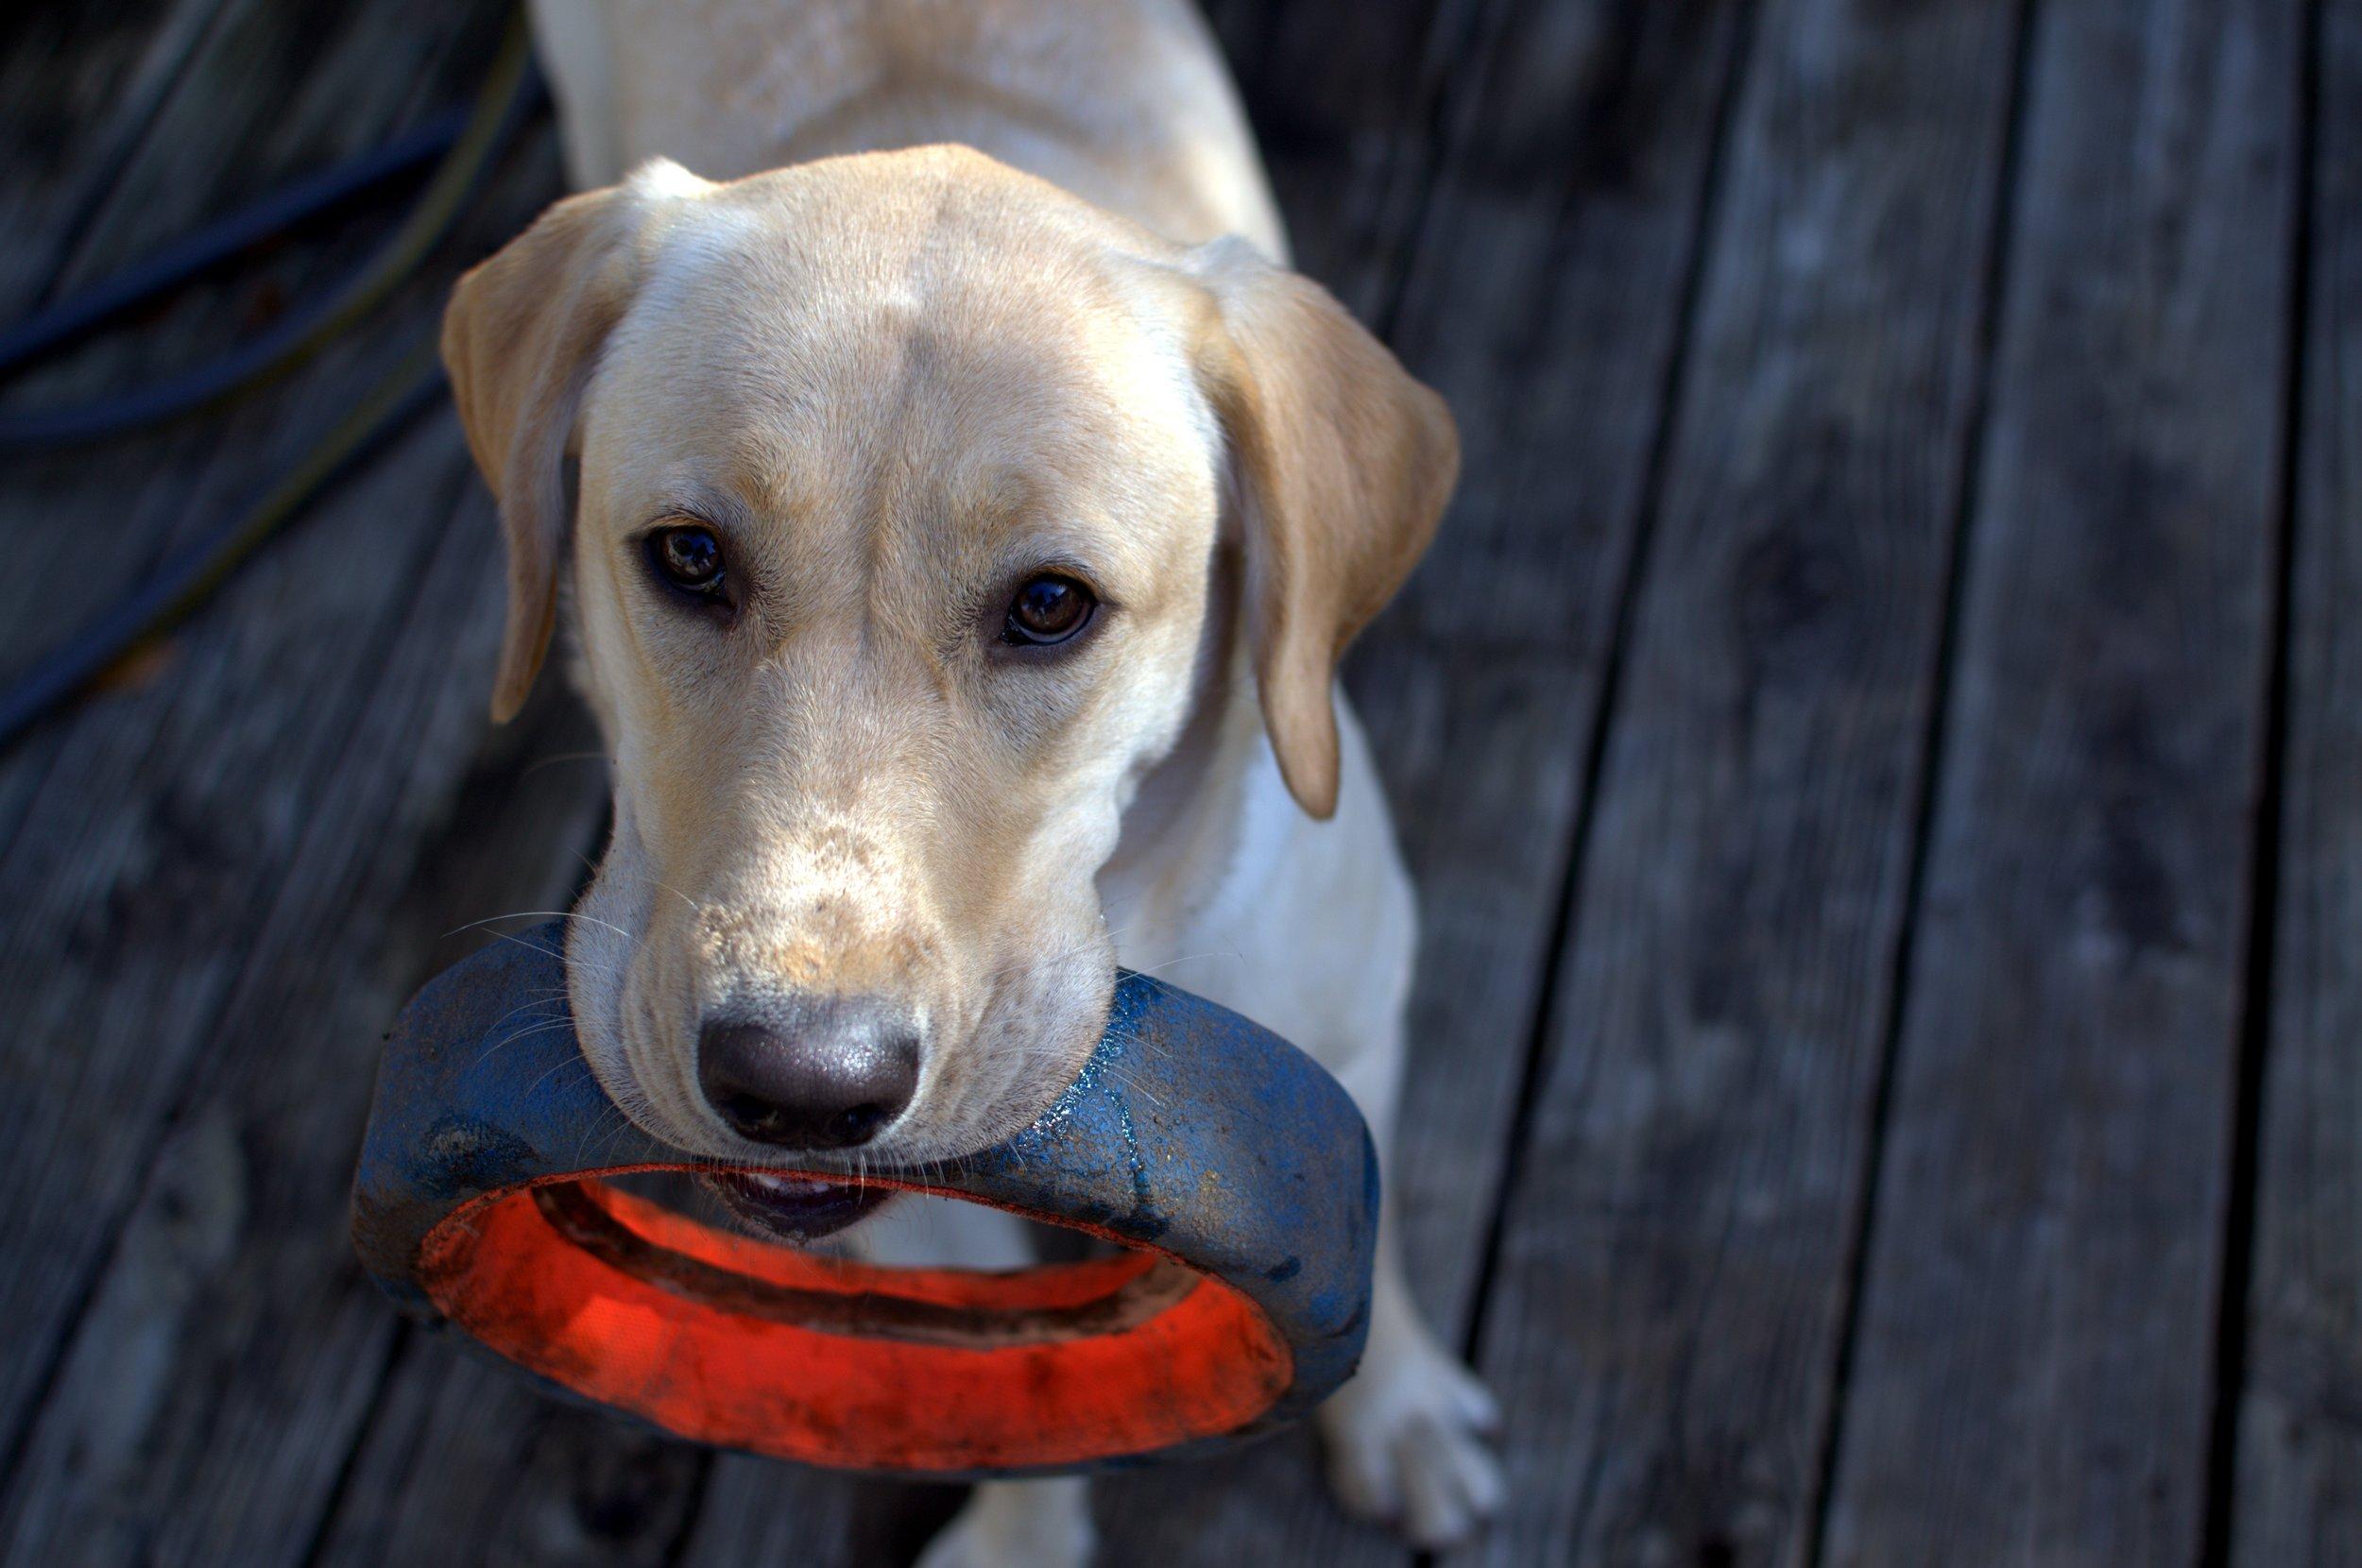 animal-animal-photography-dog-102508.jpg